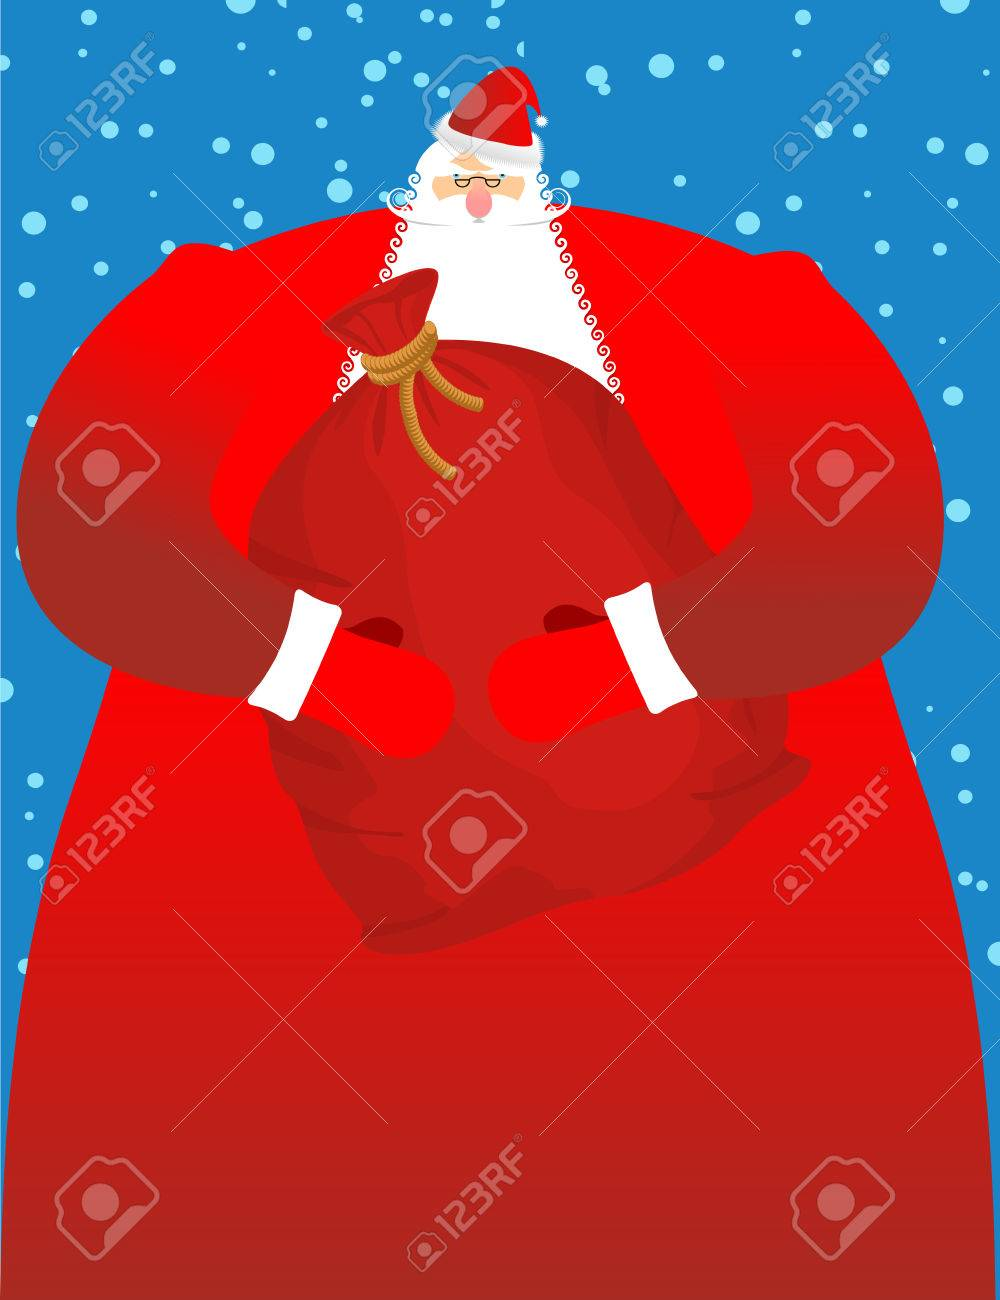 Santa Claus Mit Sack Geschenke. Große Rote Festliche Tasche. Großer ...